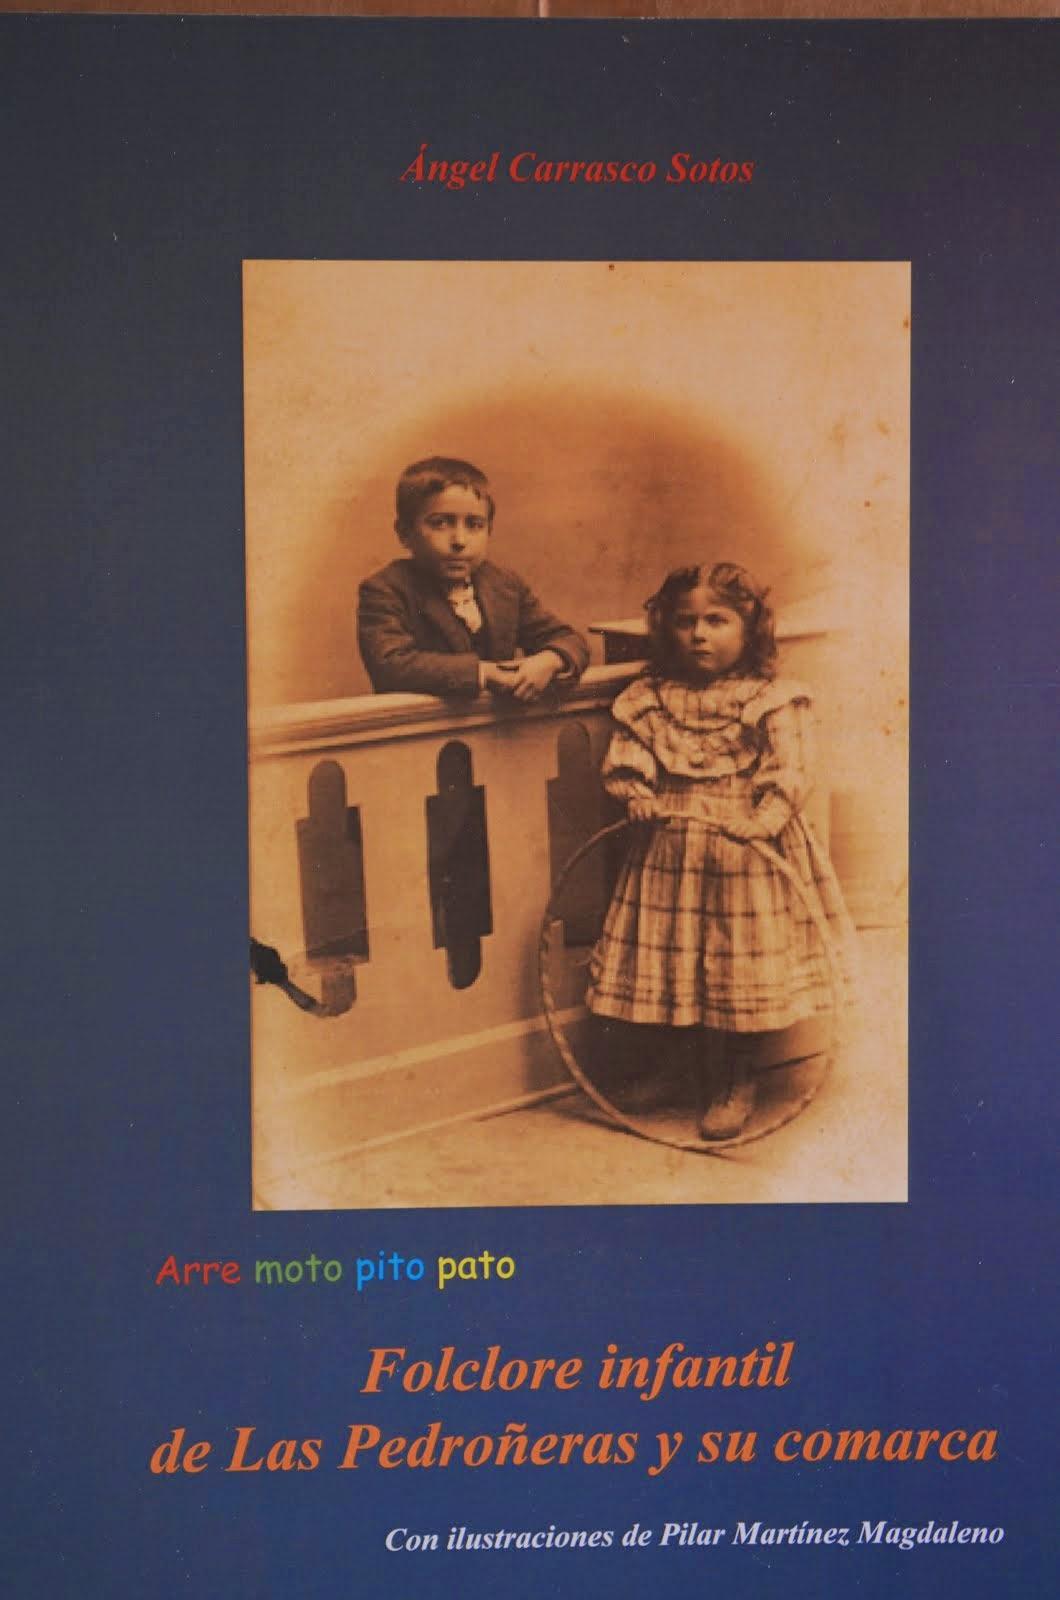 Folclore Infantil de Las Pedroñeras - EL LIBRO